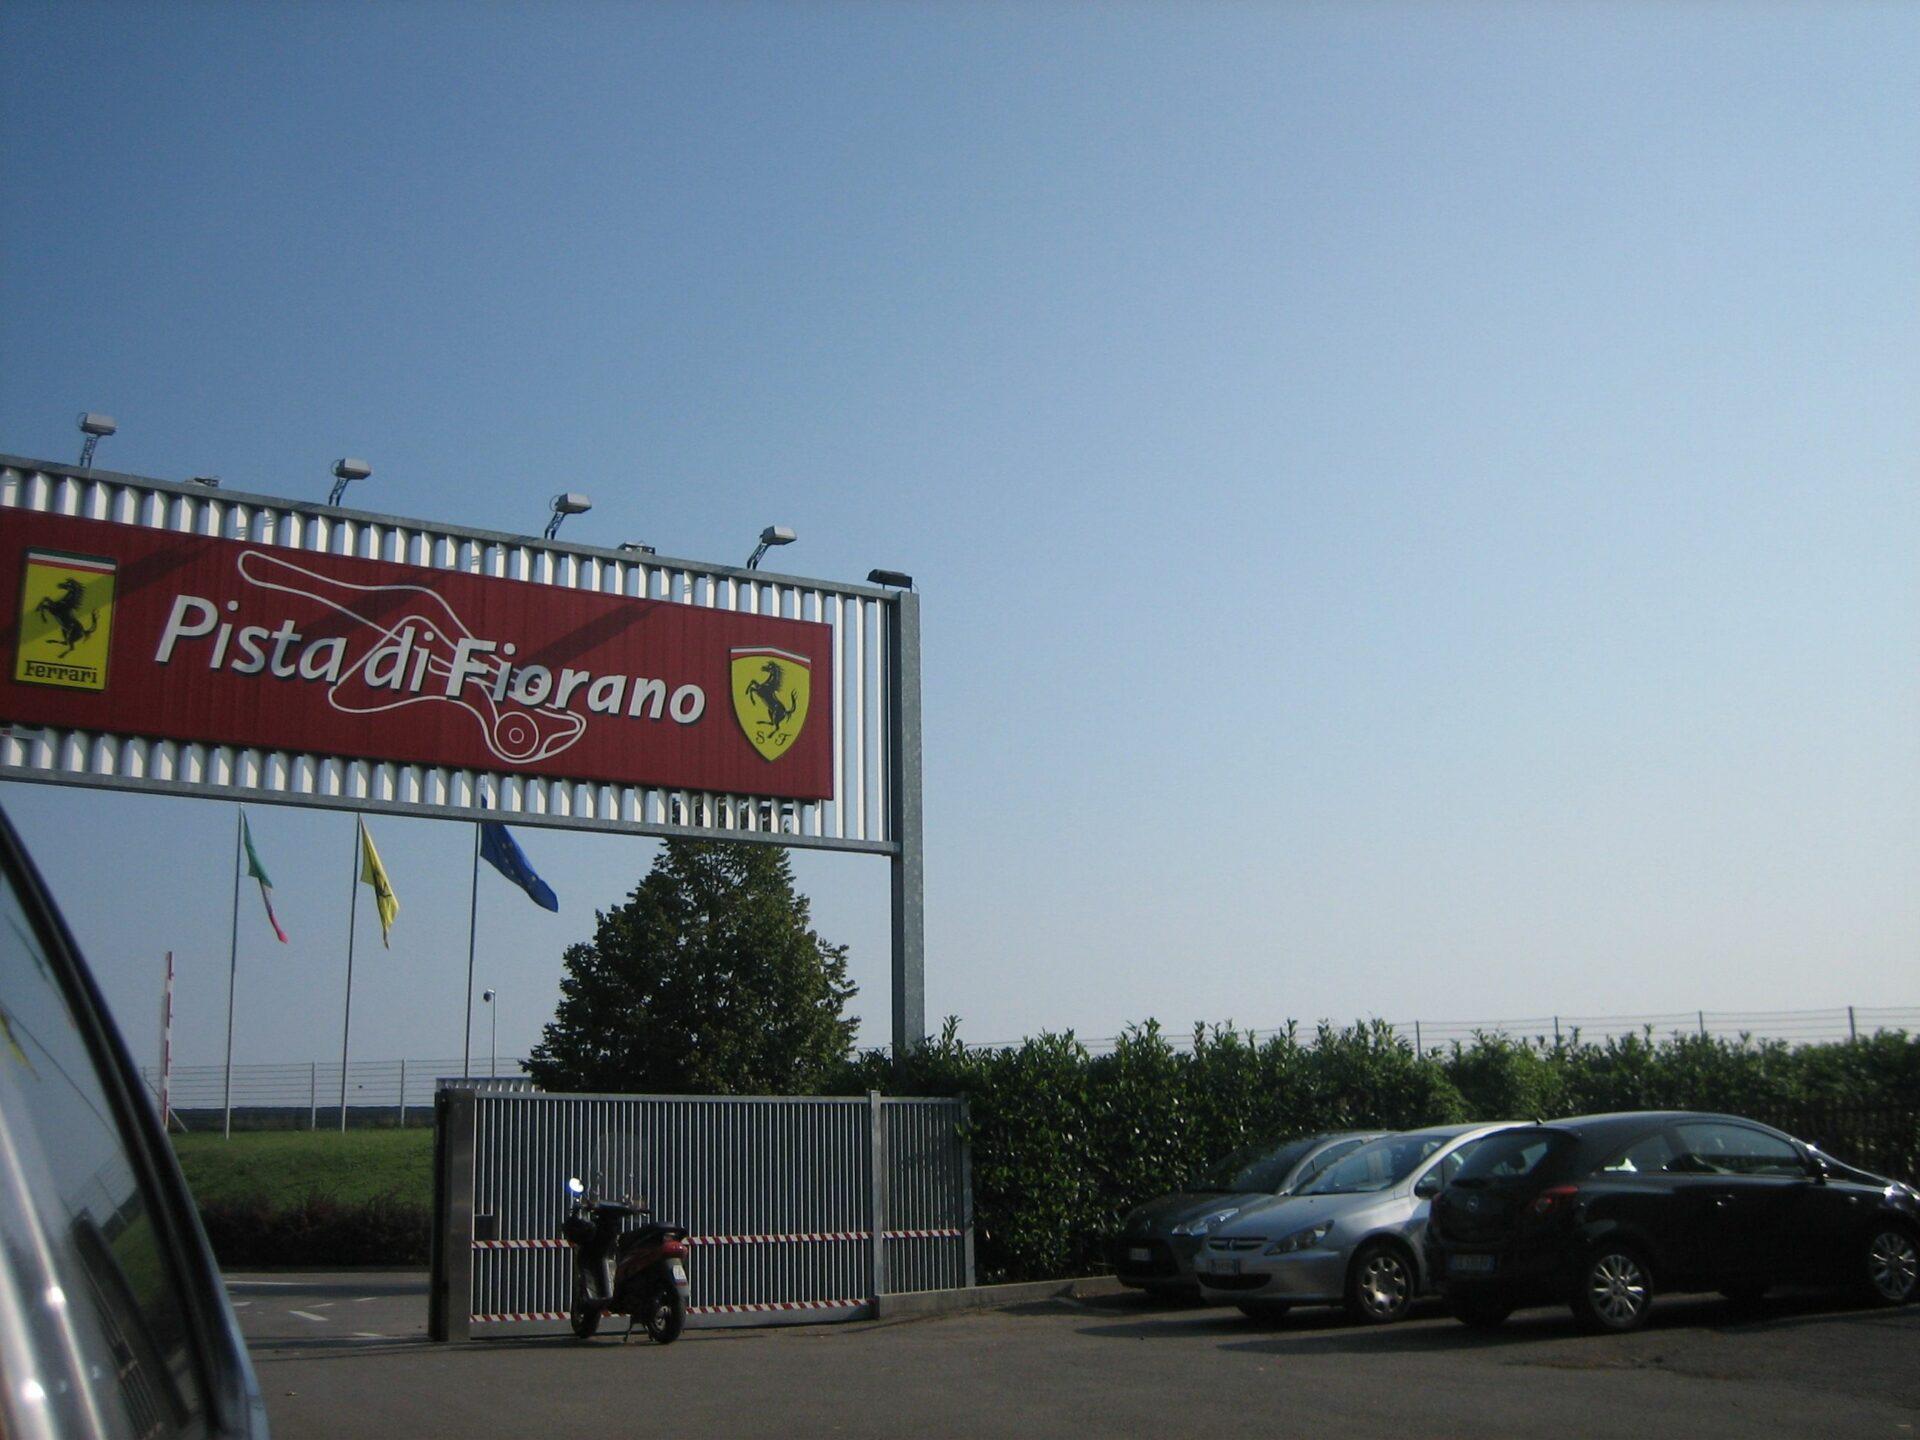 italia fiorano pista Ferrari   eliporto 2